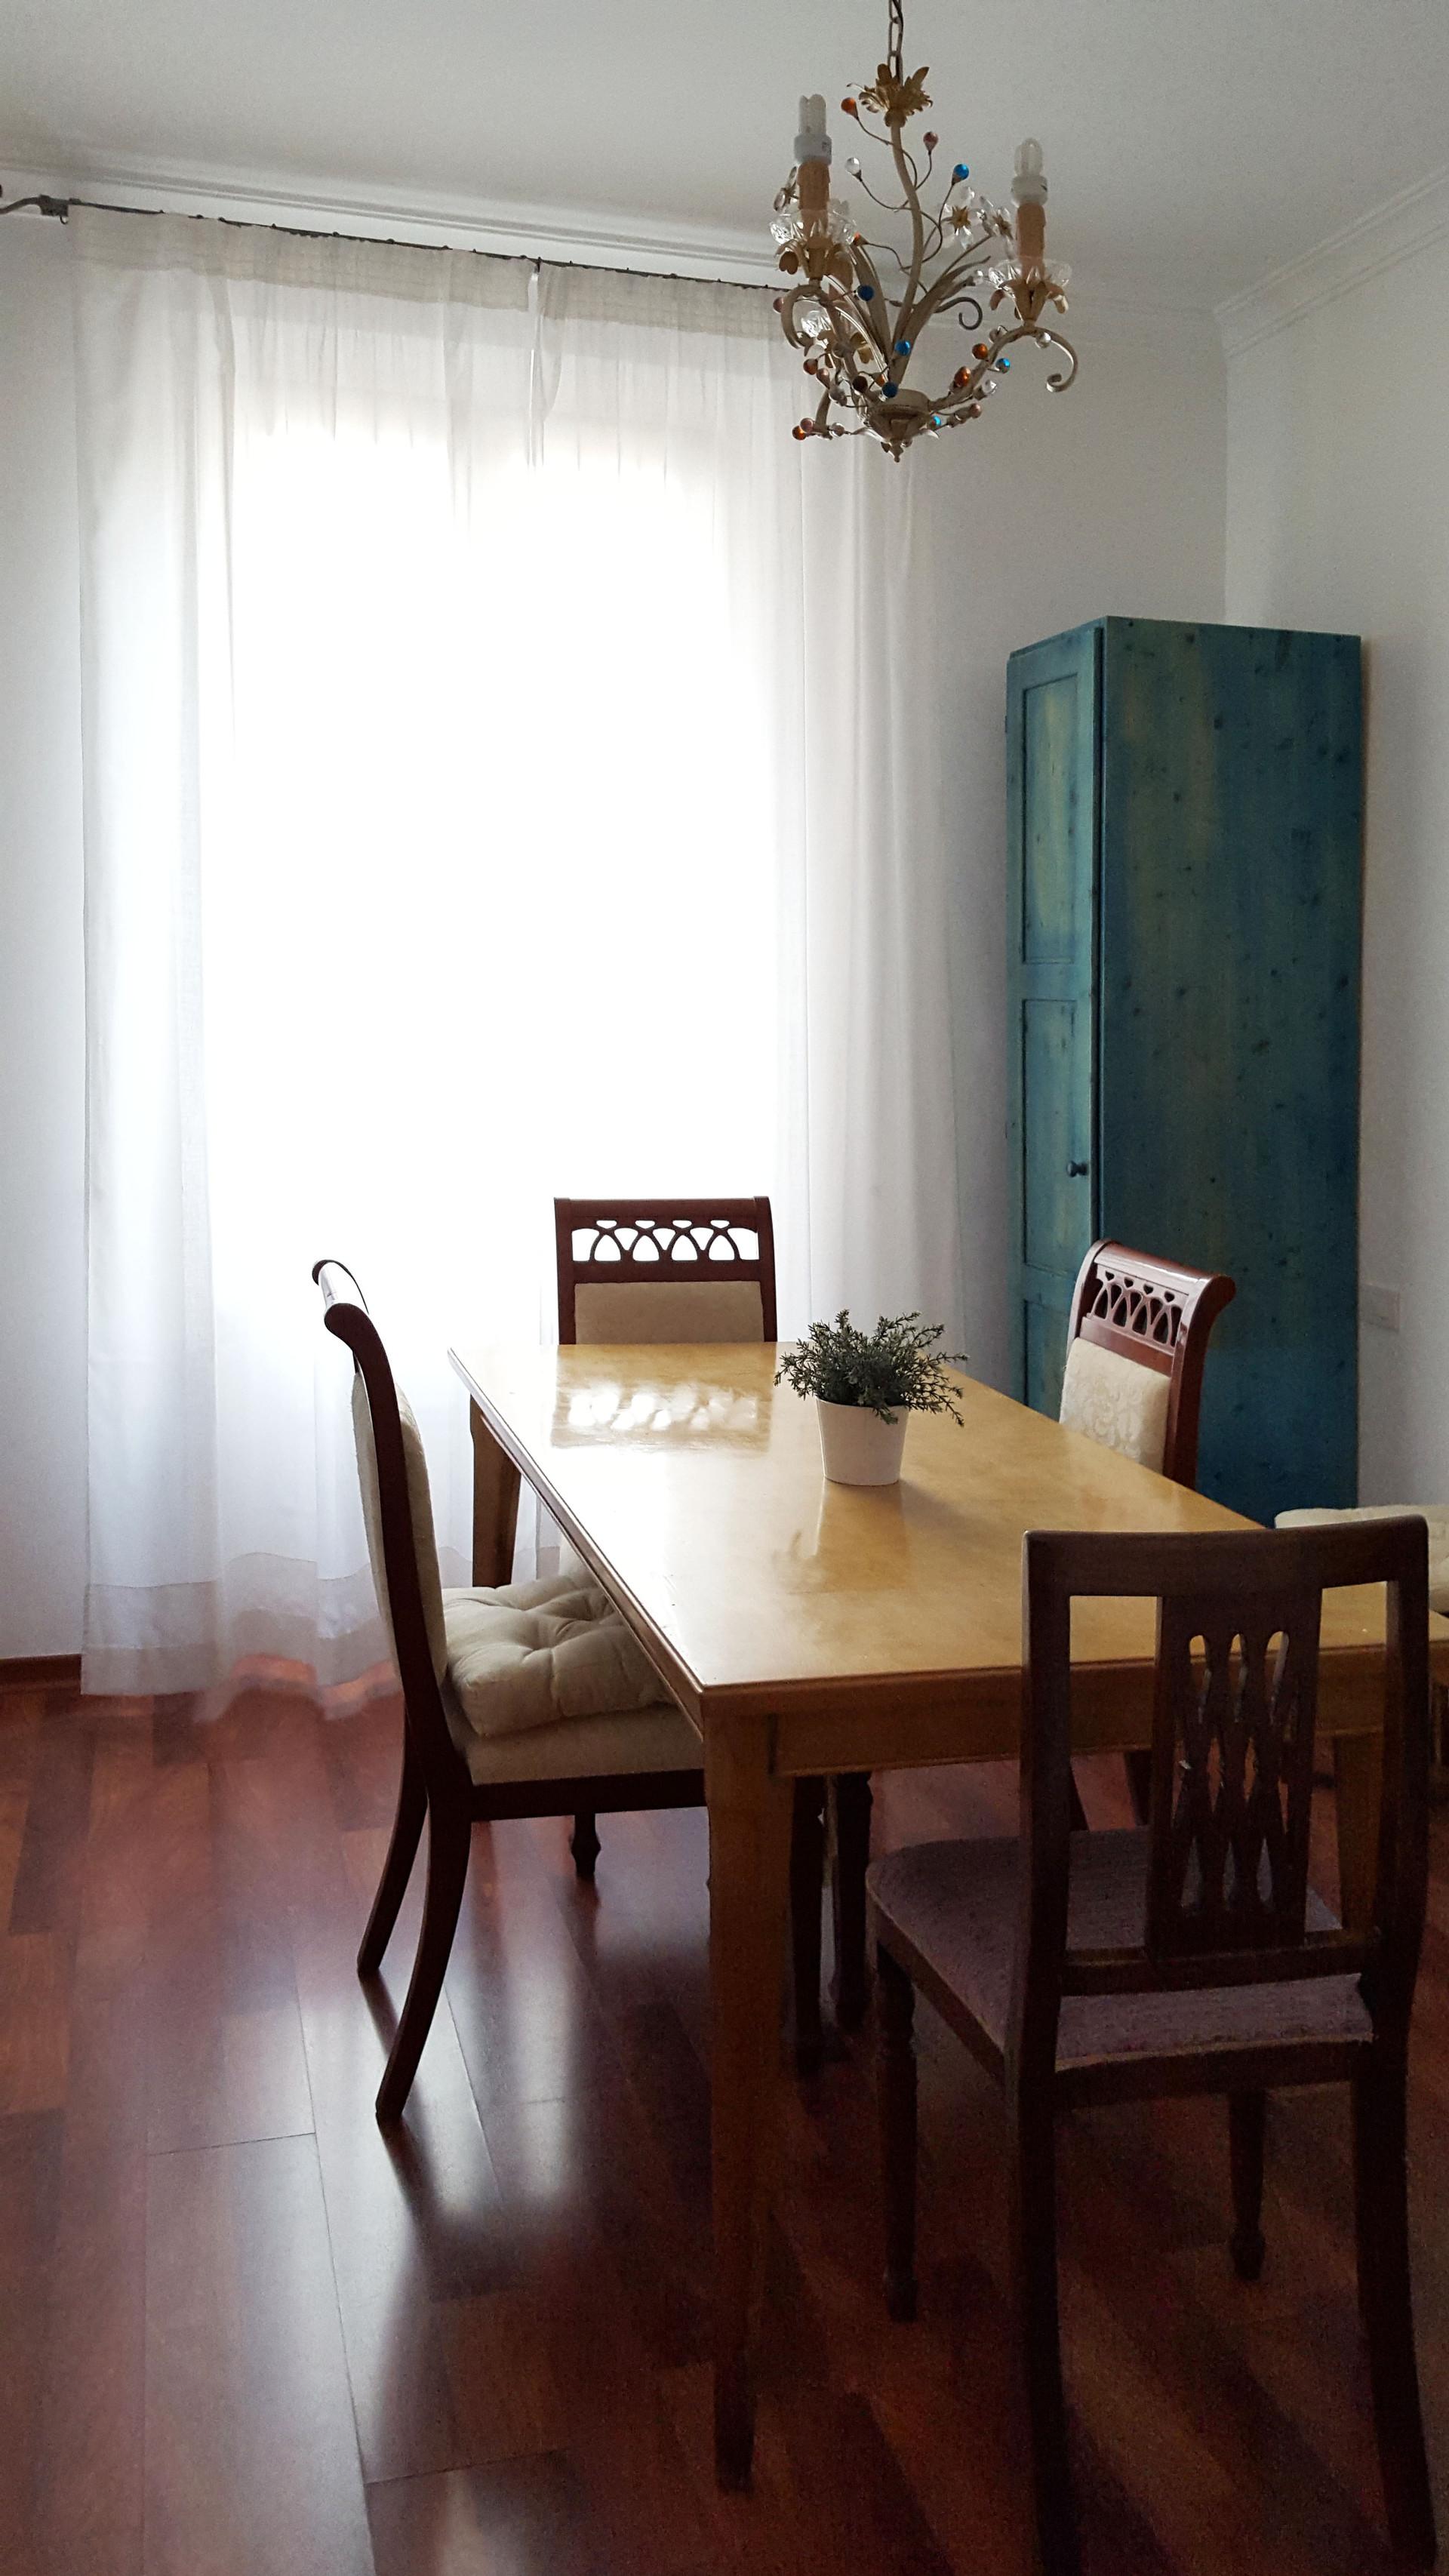 Camera stupende con bagno privato anche coppie stanza in affitto roma - Stanza con bagno privato roma ...